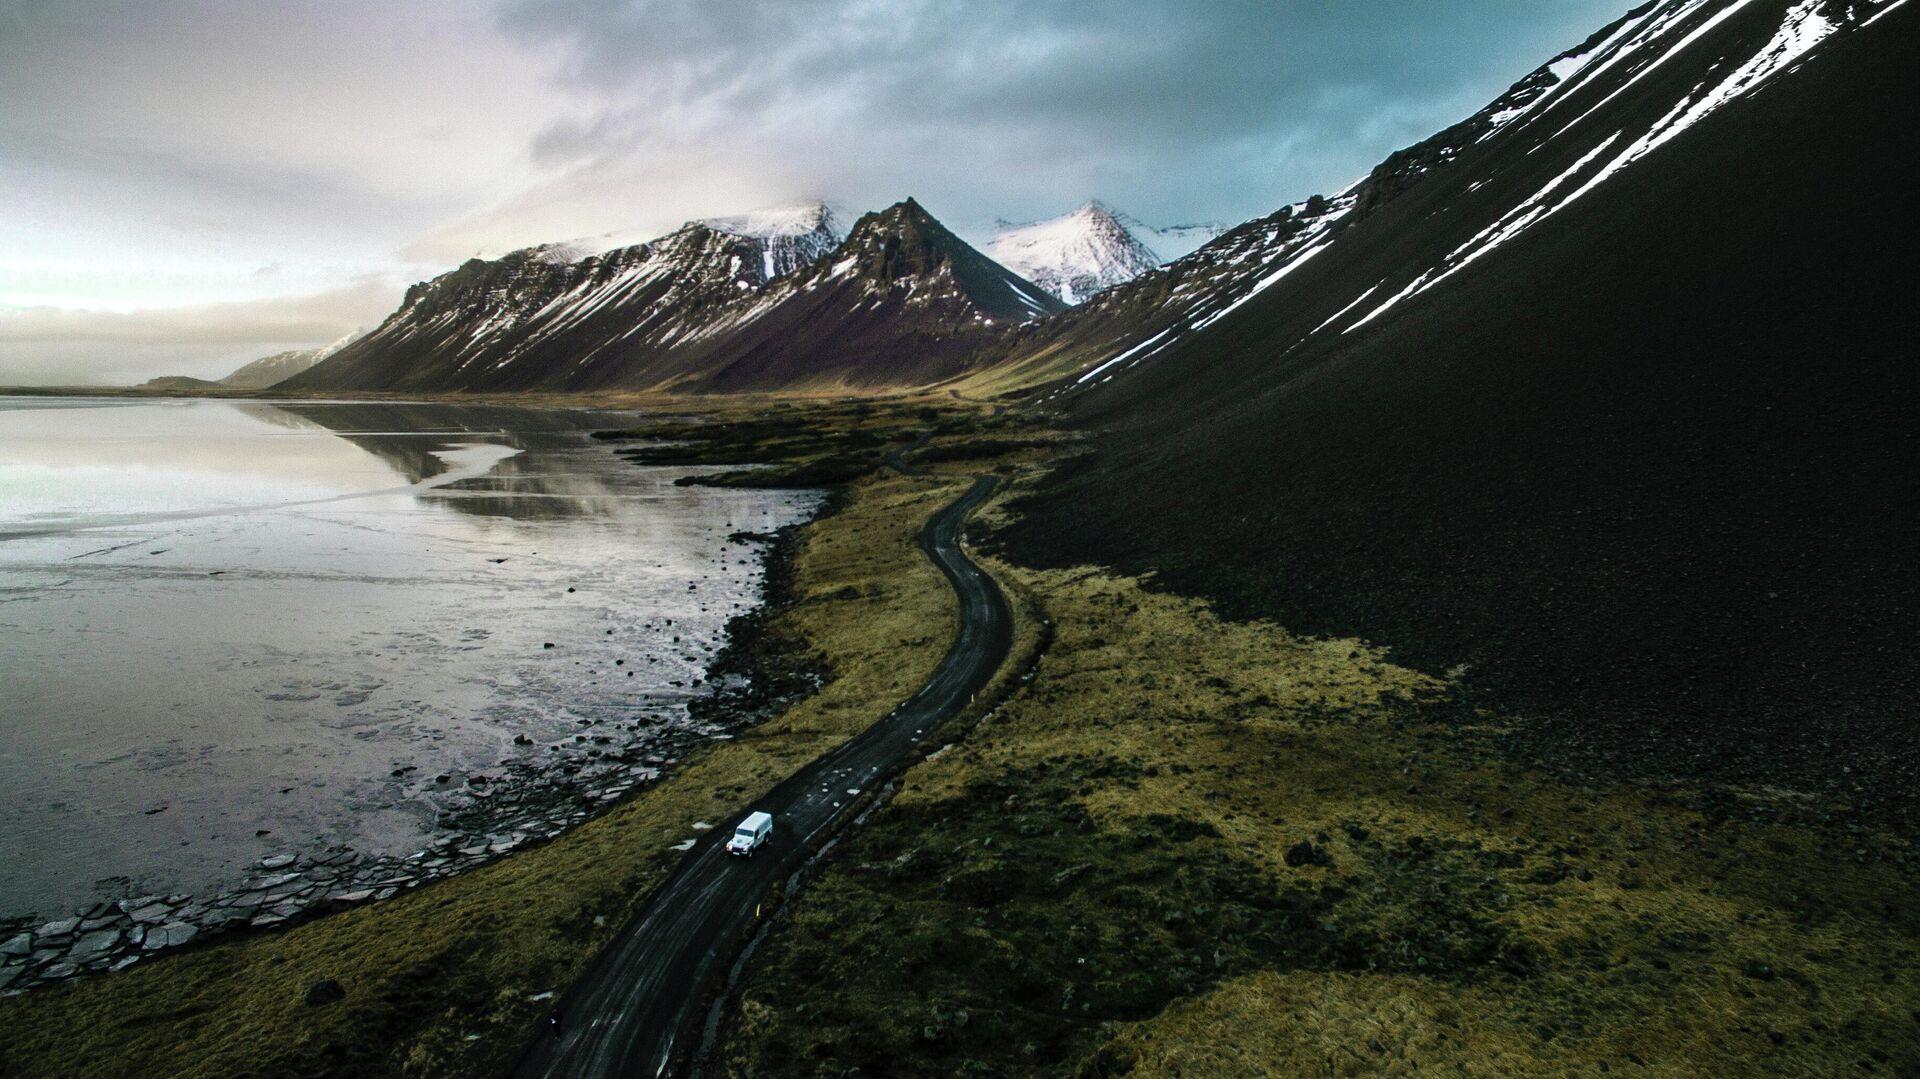 Islandia - Sputnik Mundo, 1920, 29.07.2021